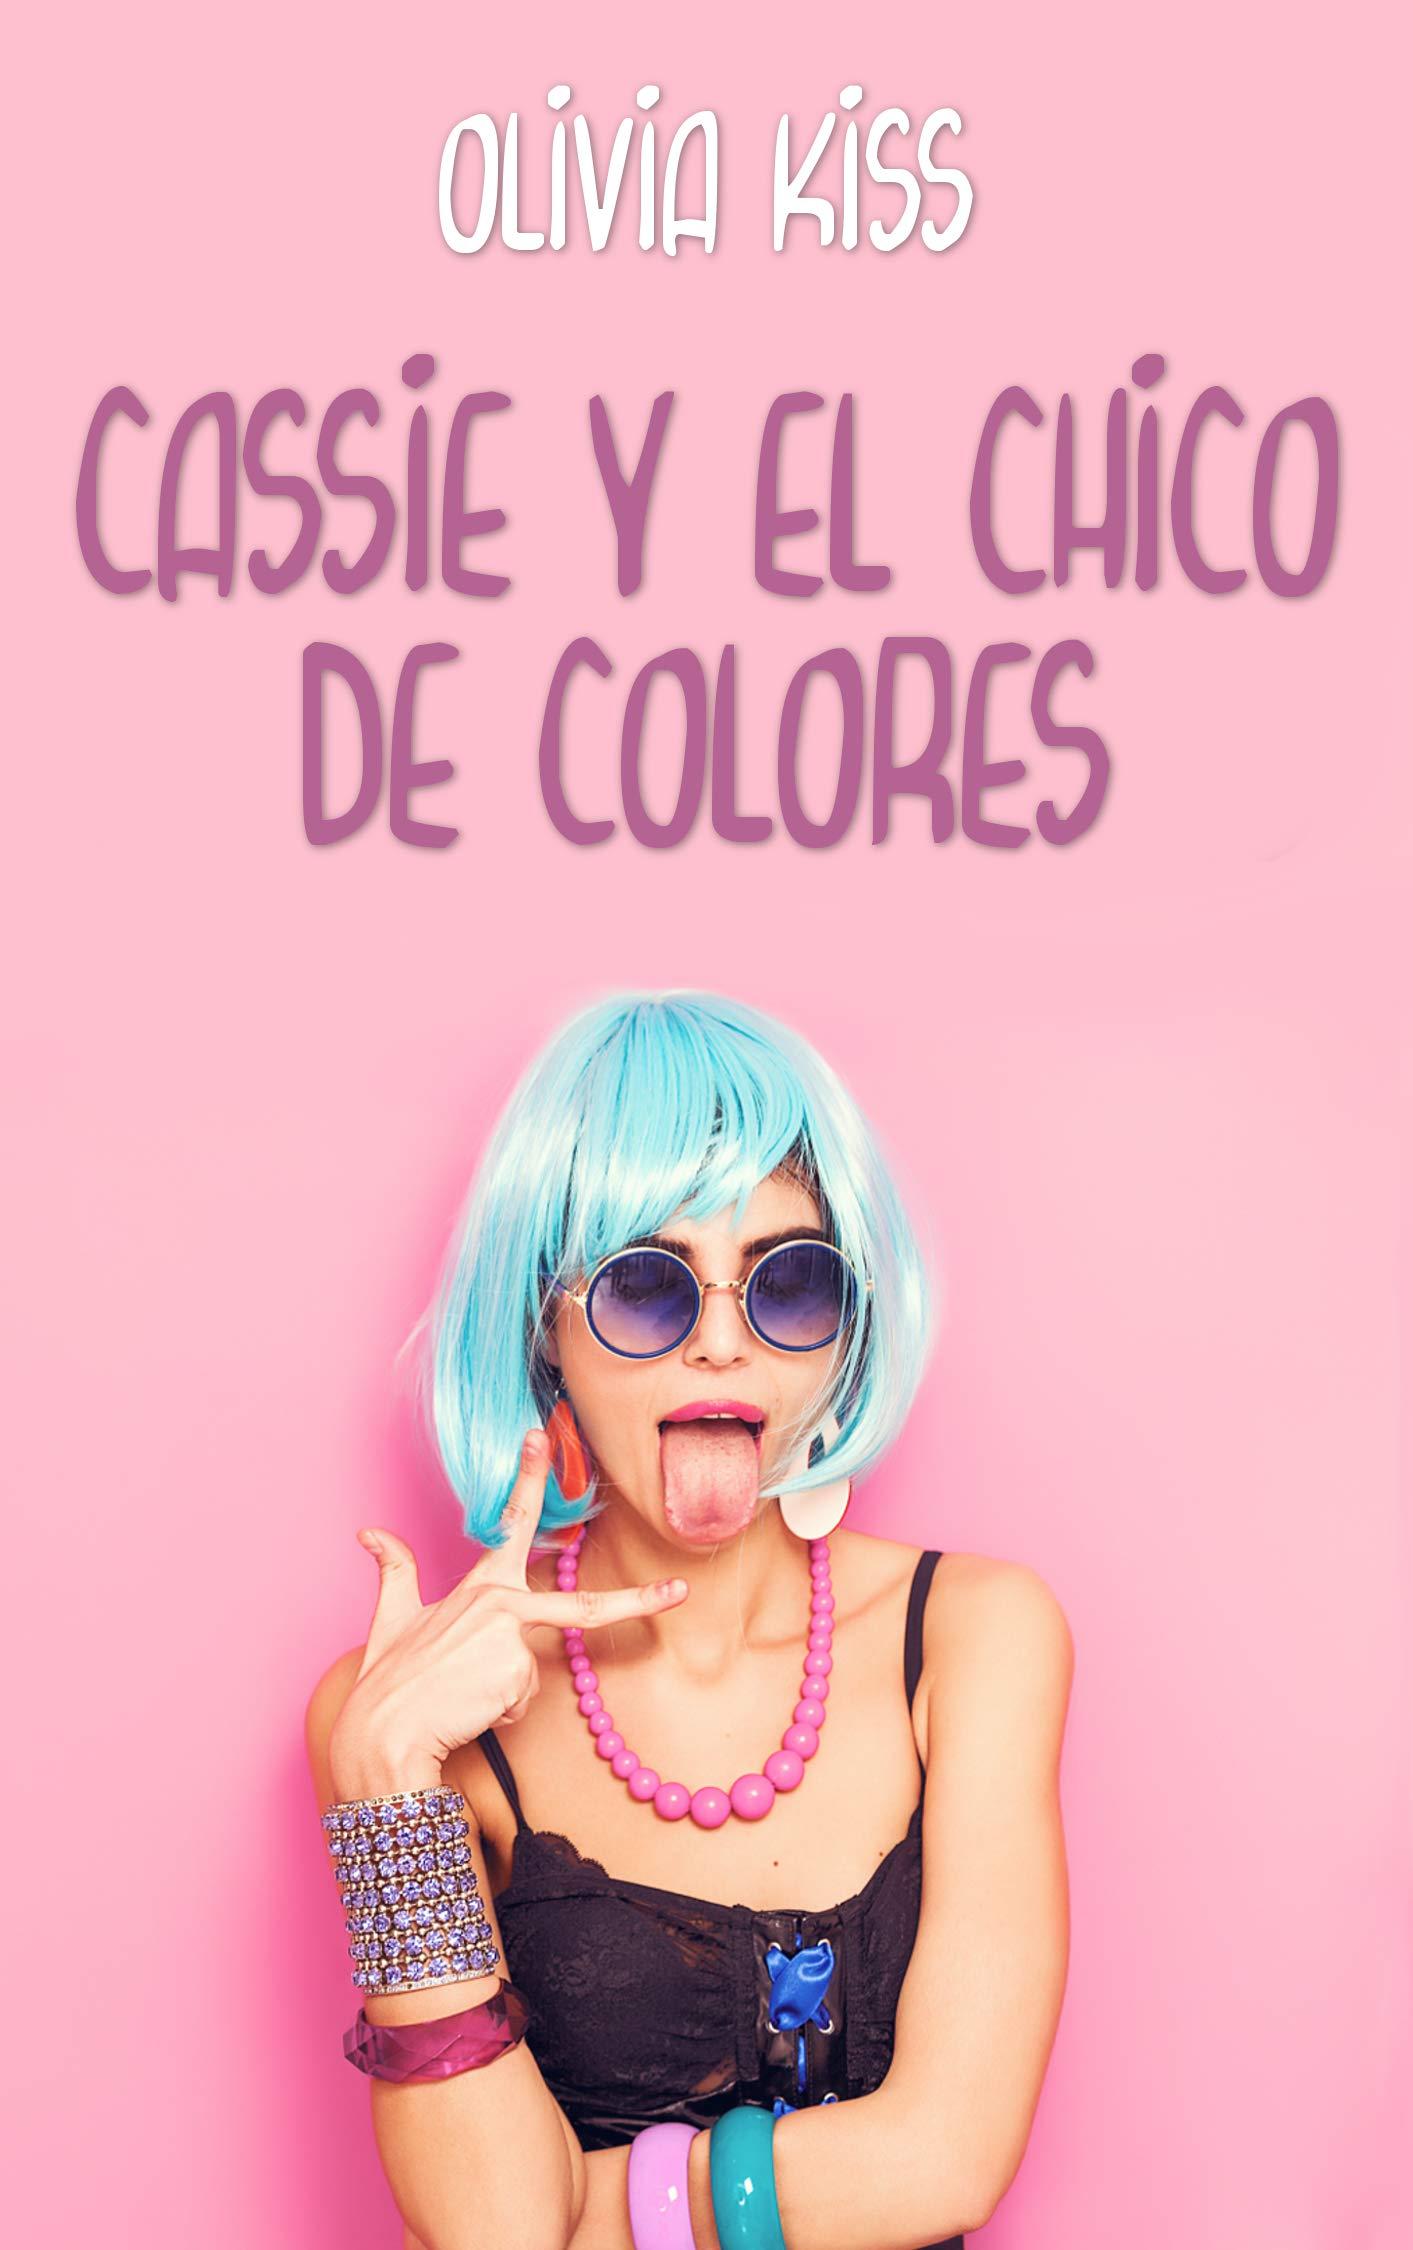 Cassie y el chico de colores (Familia Reed nº 3) por Olivia Kiss